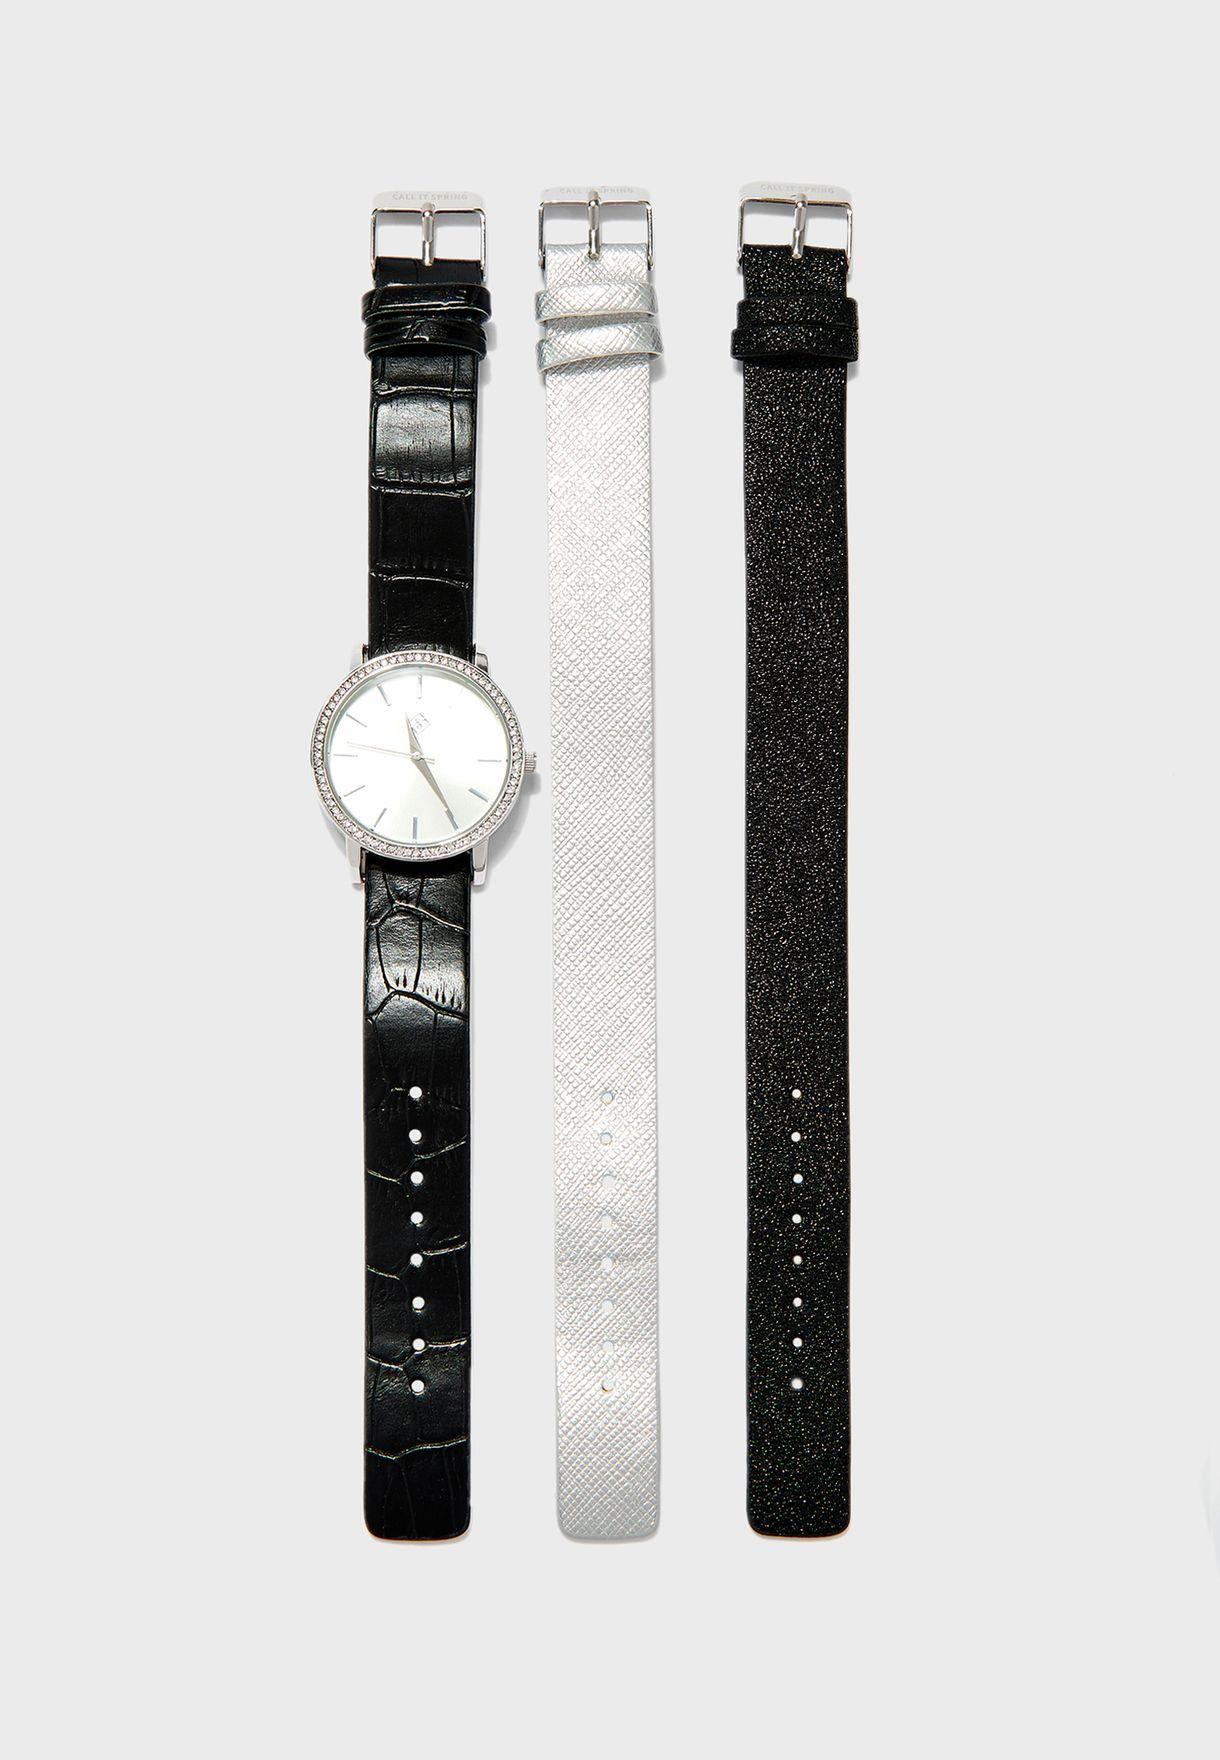 ساعة مع مجموعة احزمة